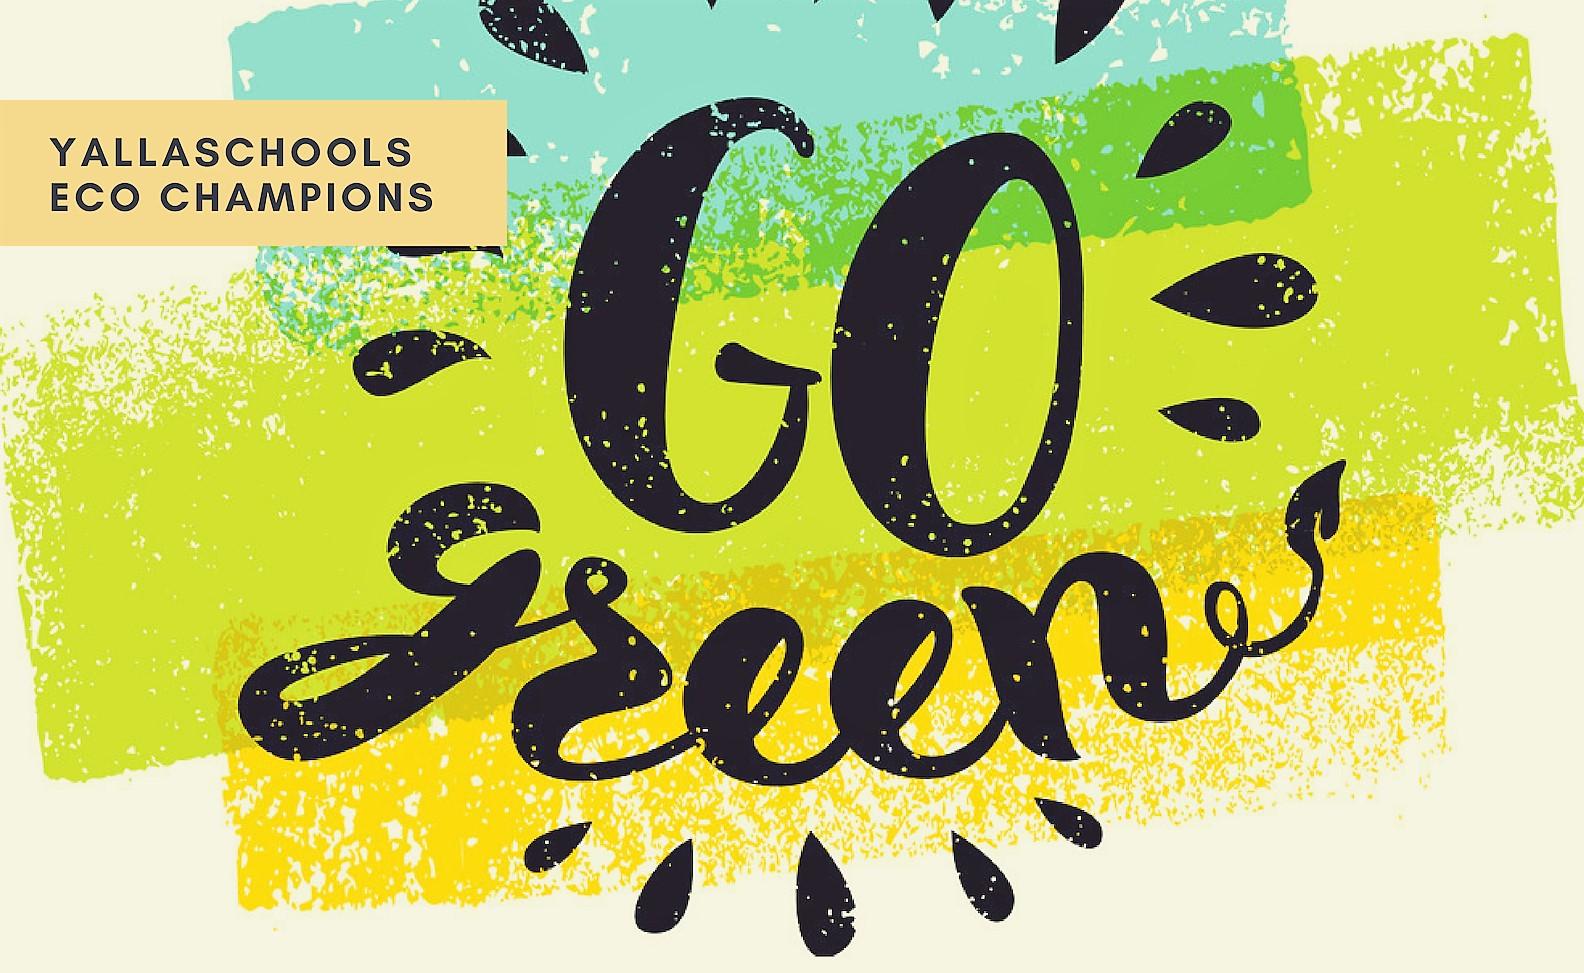 Yallaschools_com_I_Eco_Champions_Logo